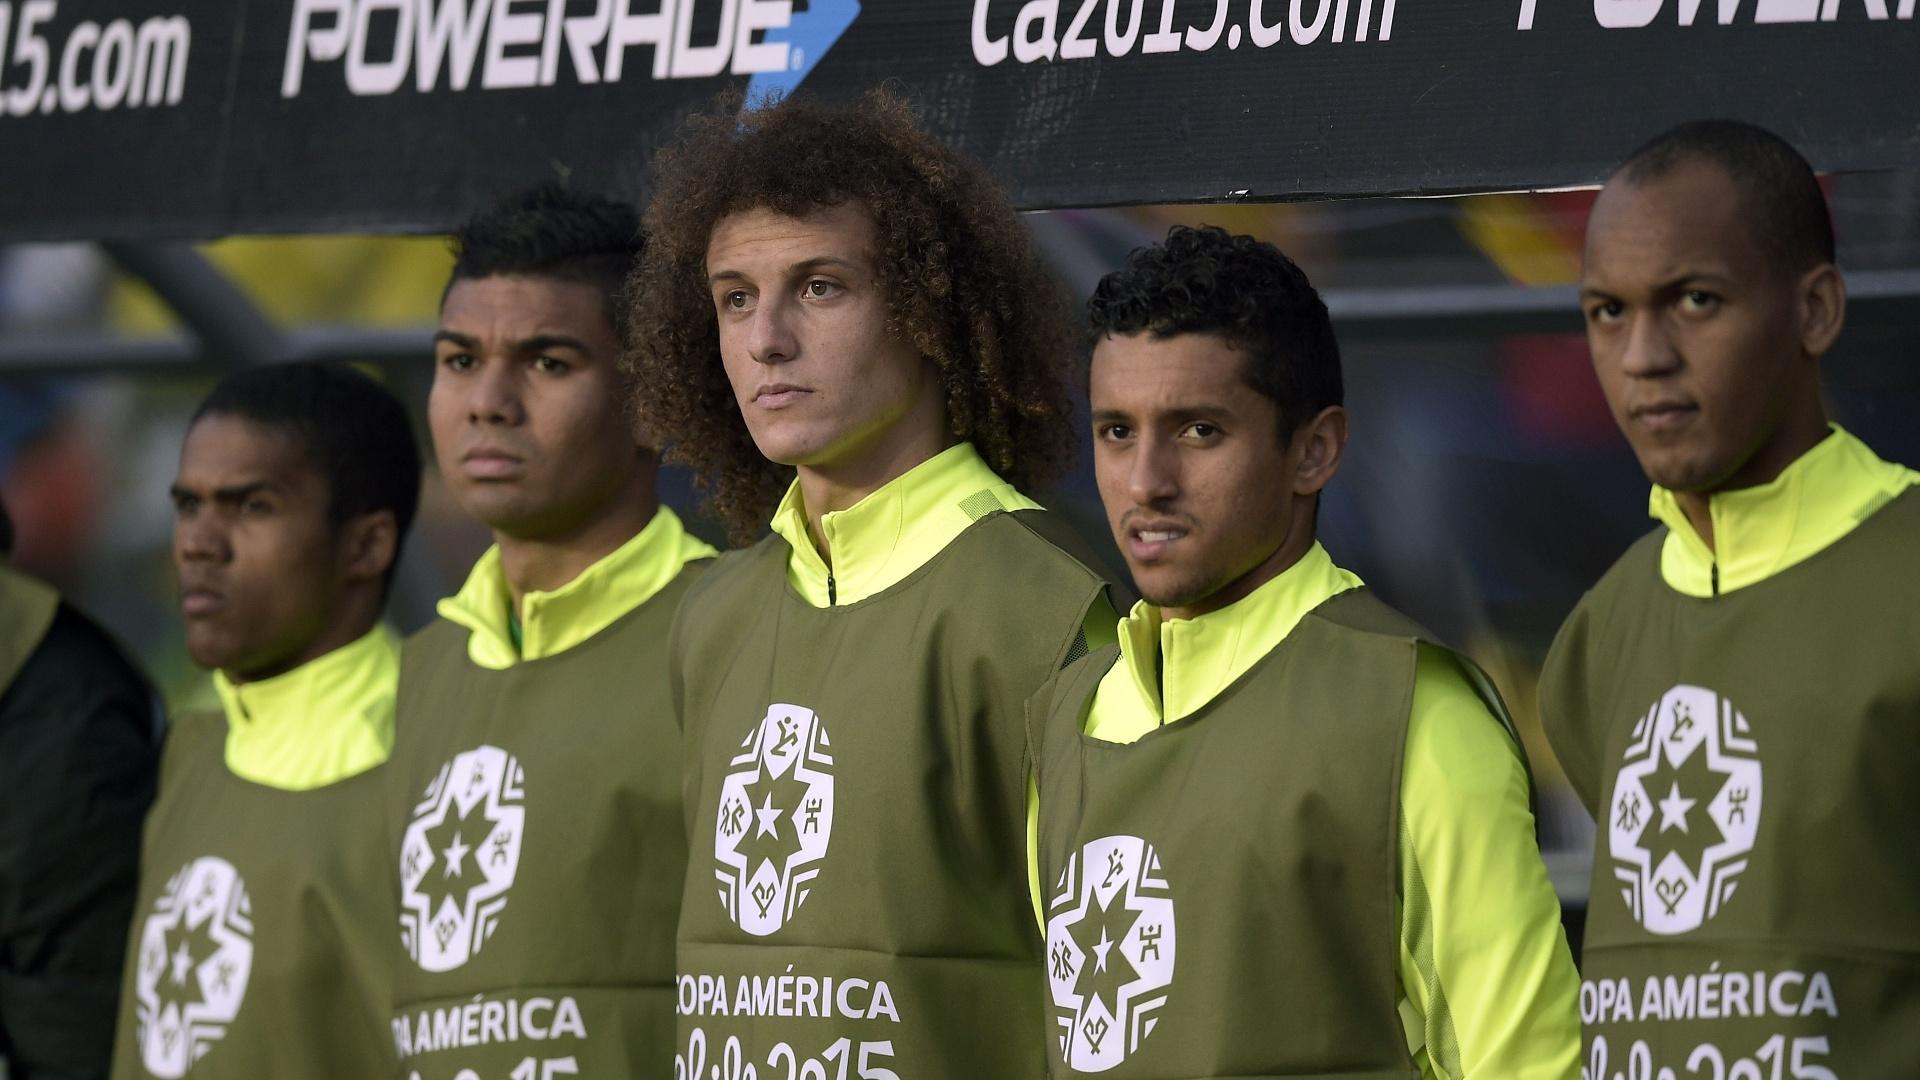 Douglas Costa, Casemiro, David Luiz, Marquinhos e Fabinho perfilados no banco de reservas durante jogo do Brasil pelas quartas de final da Copa América